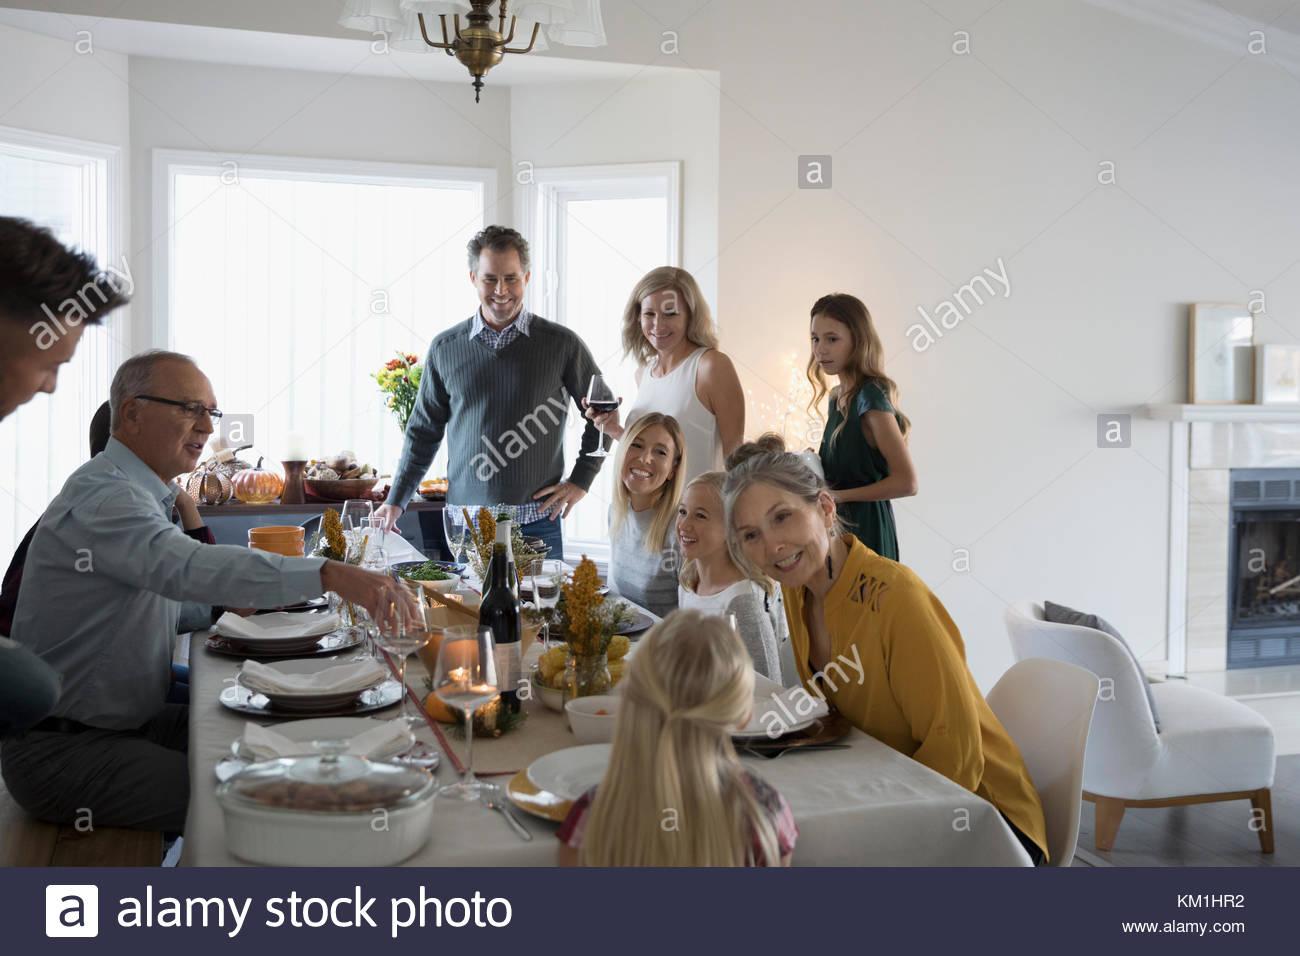 Generación multi-familia disfrutando de la cena de Acción de Gracias en la mesa Imagen De Stock